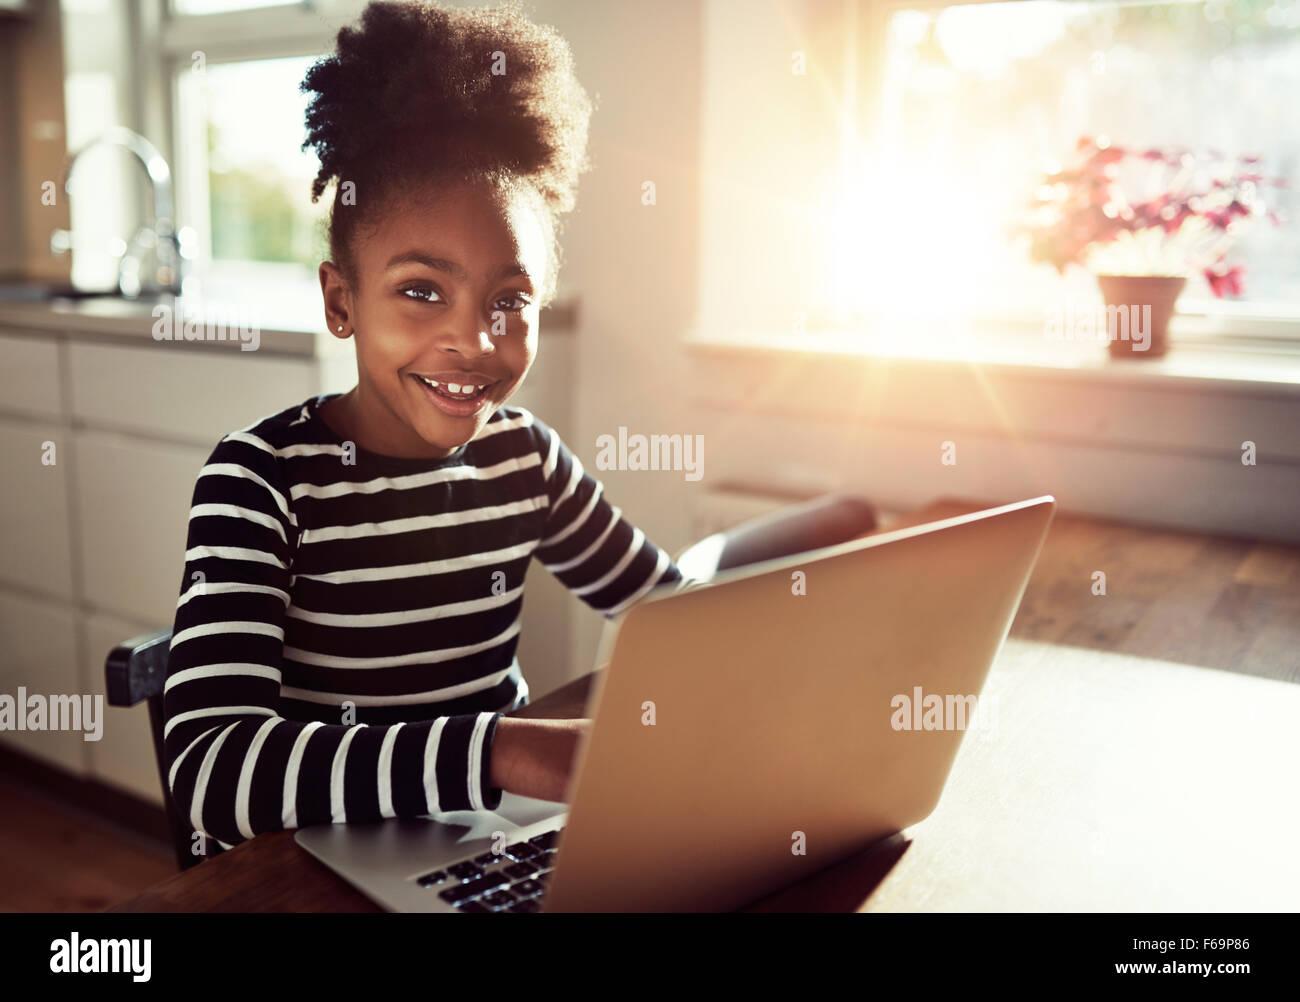 Smiling jeune fille africaine noire avec un joli noeud top coiffure afro assis à un ordinateur portable à Photo Stock